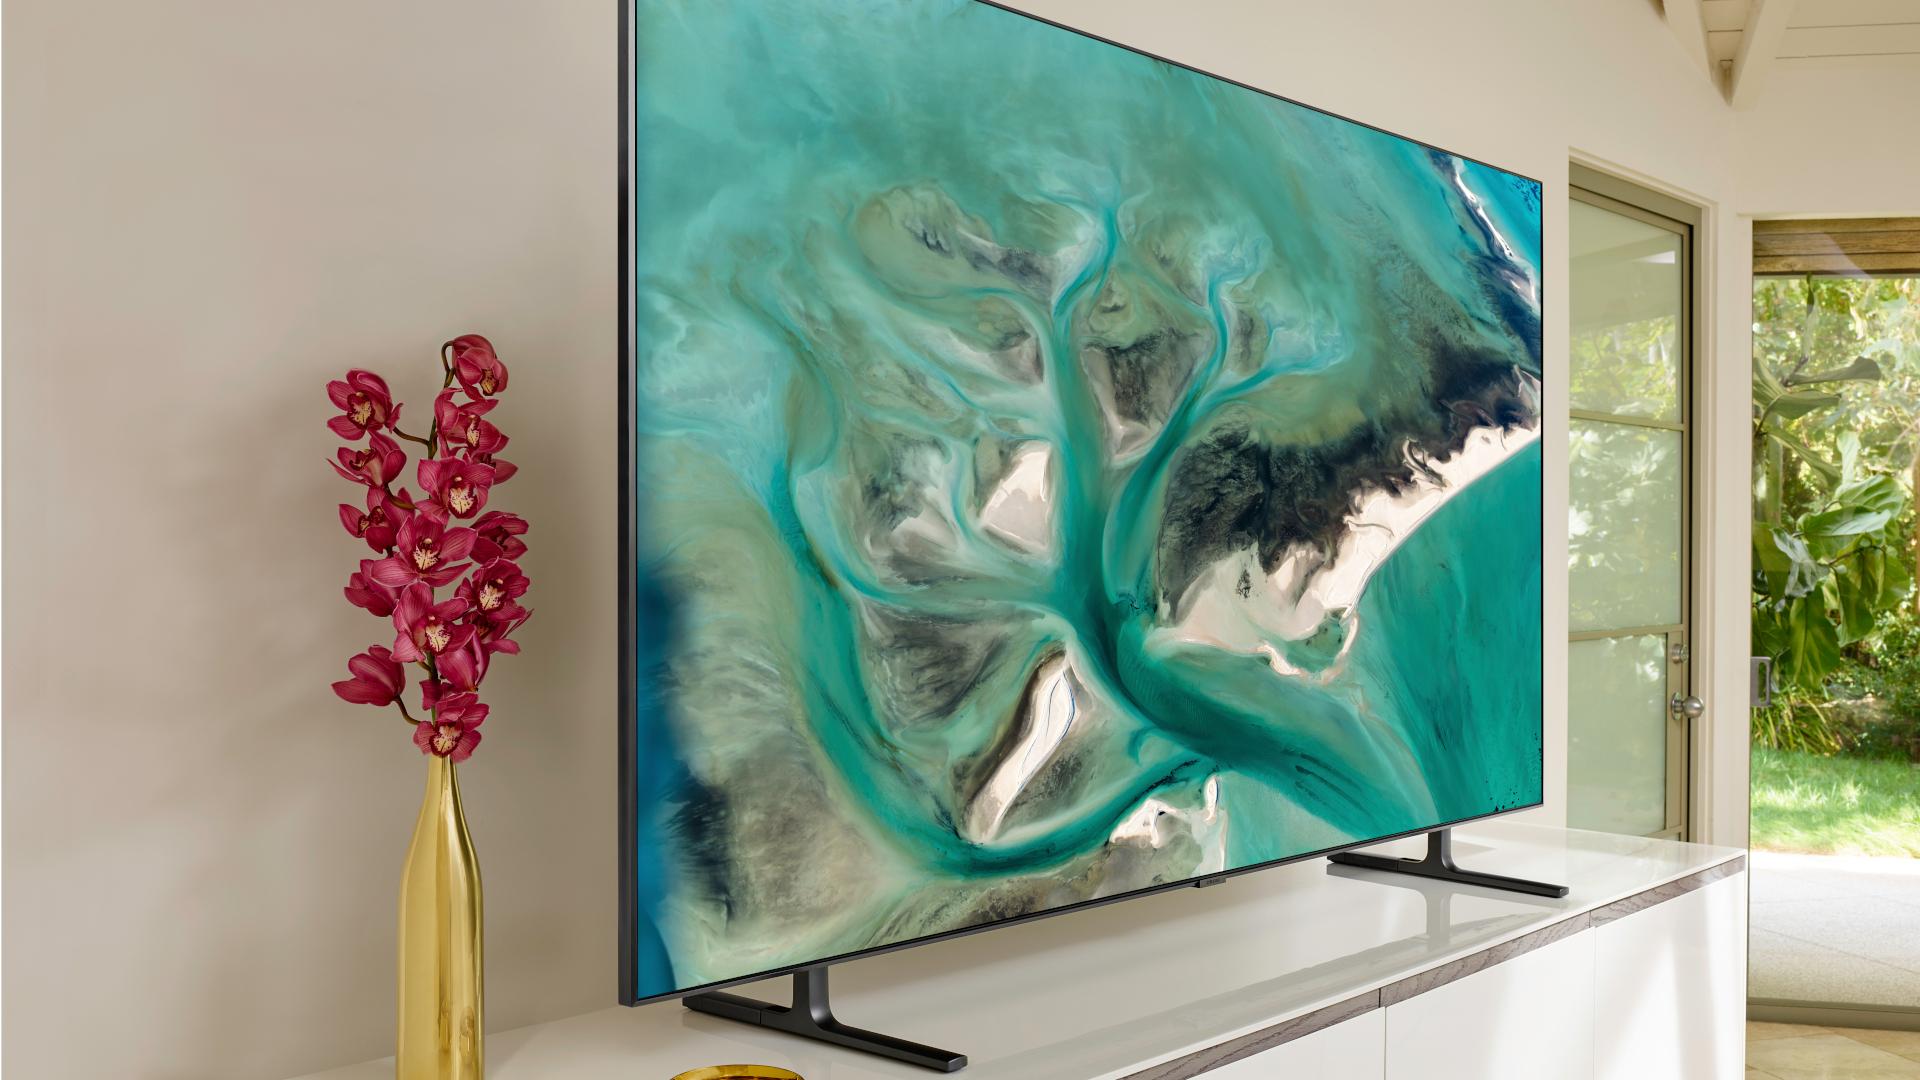 Samsung TV 2020: každý nový QLED a LED televízor Samsung prichádza tento rok 11